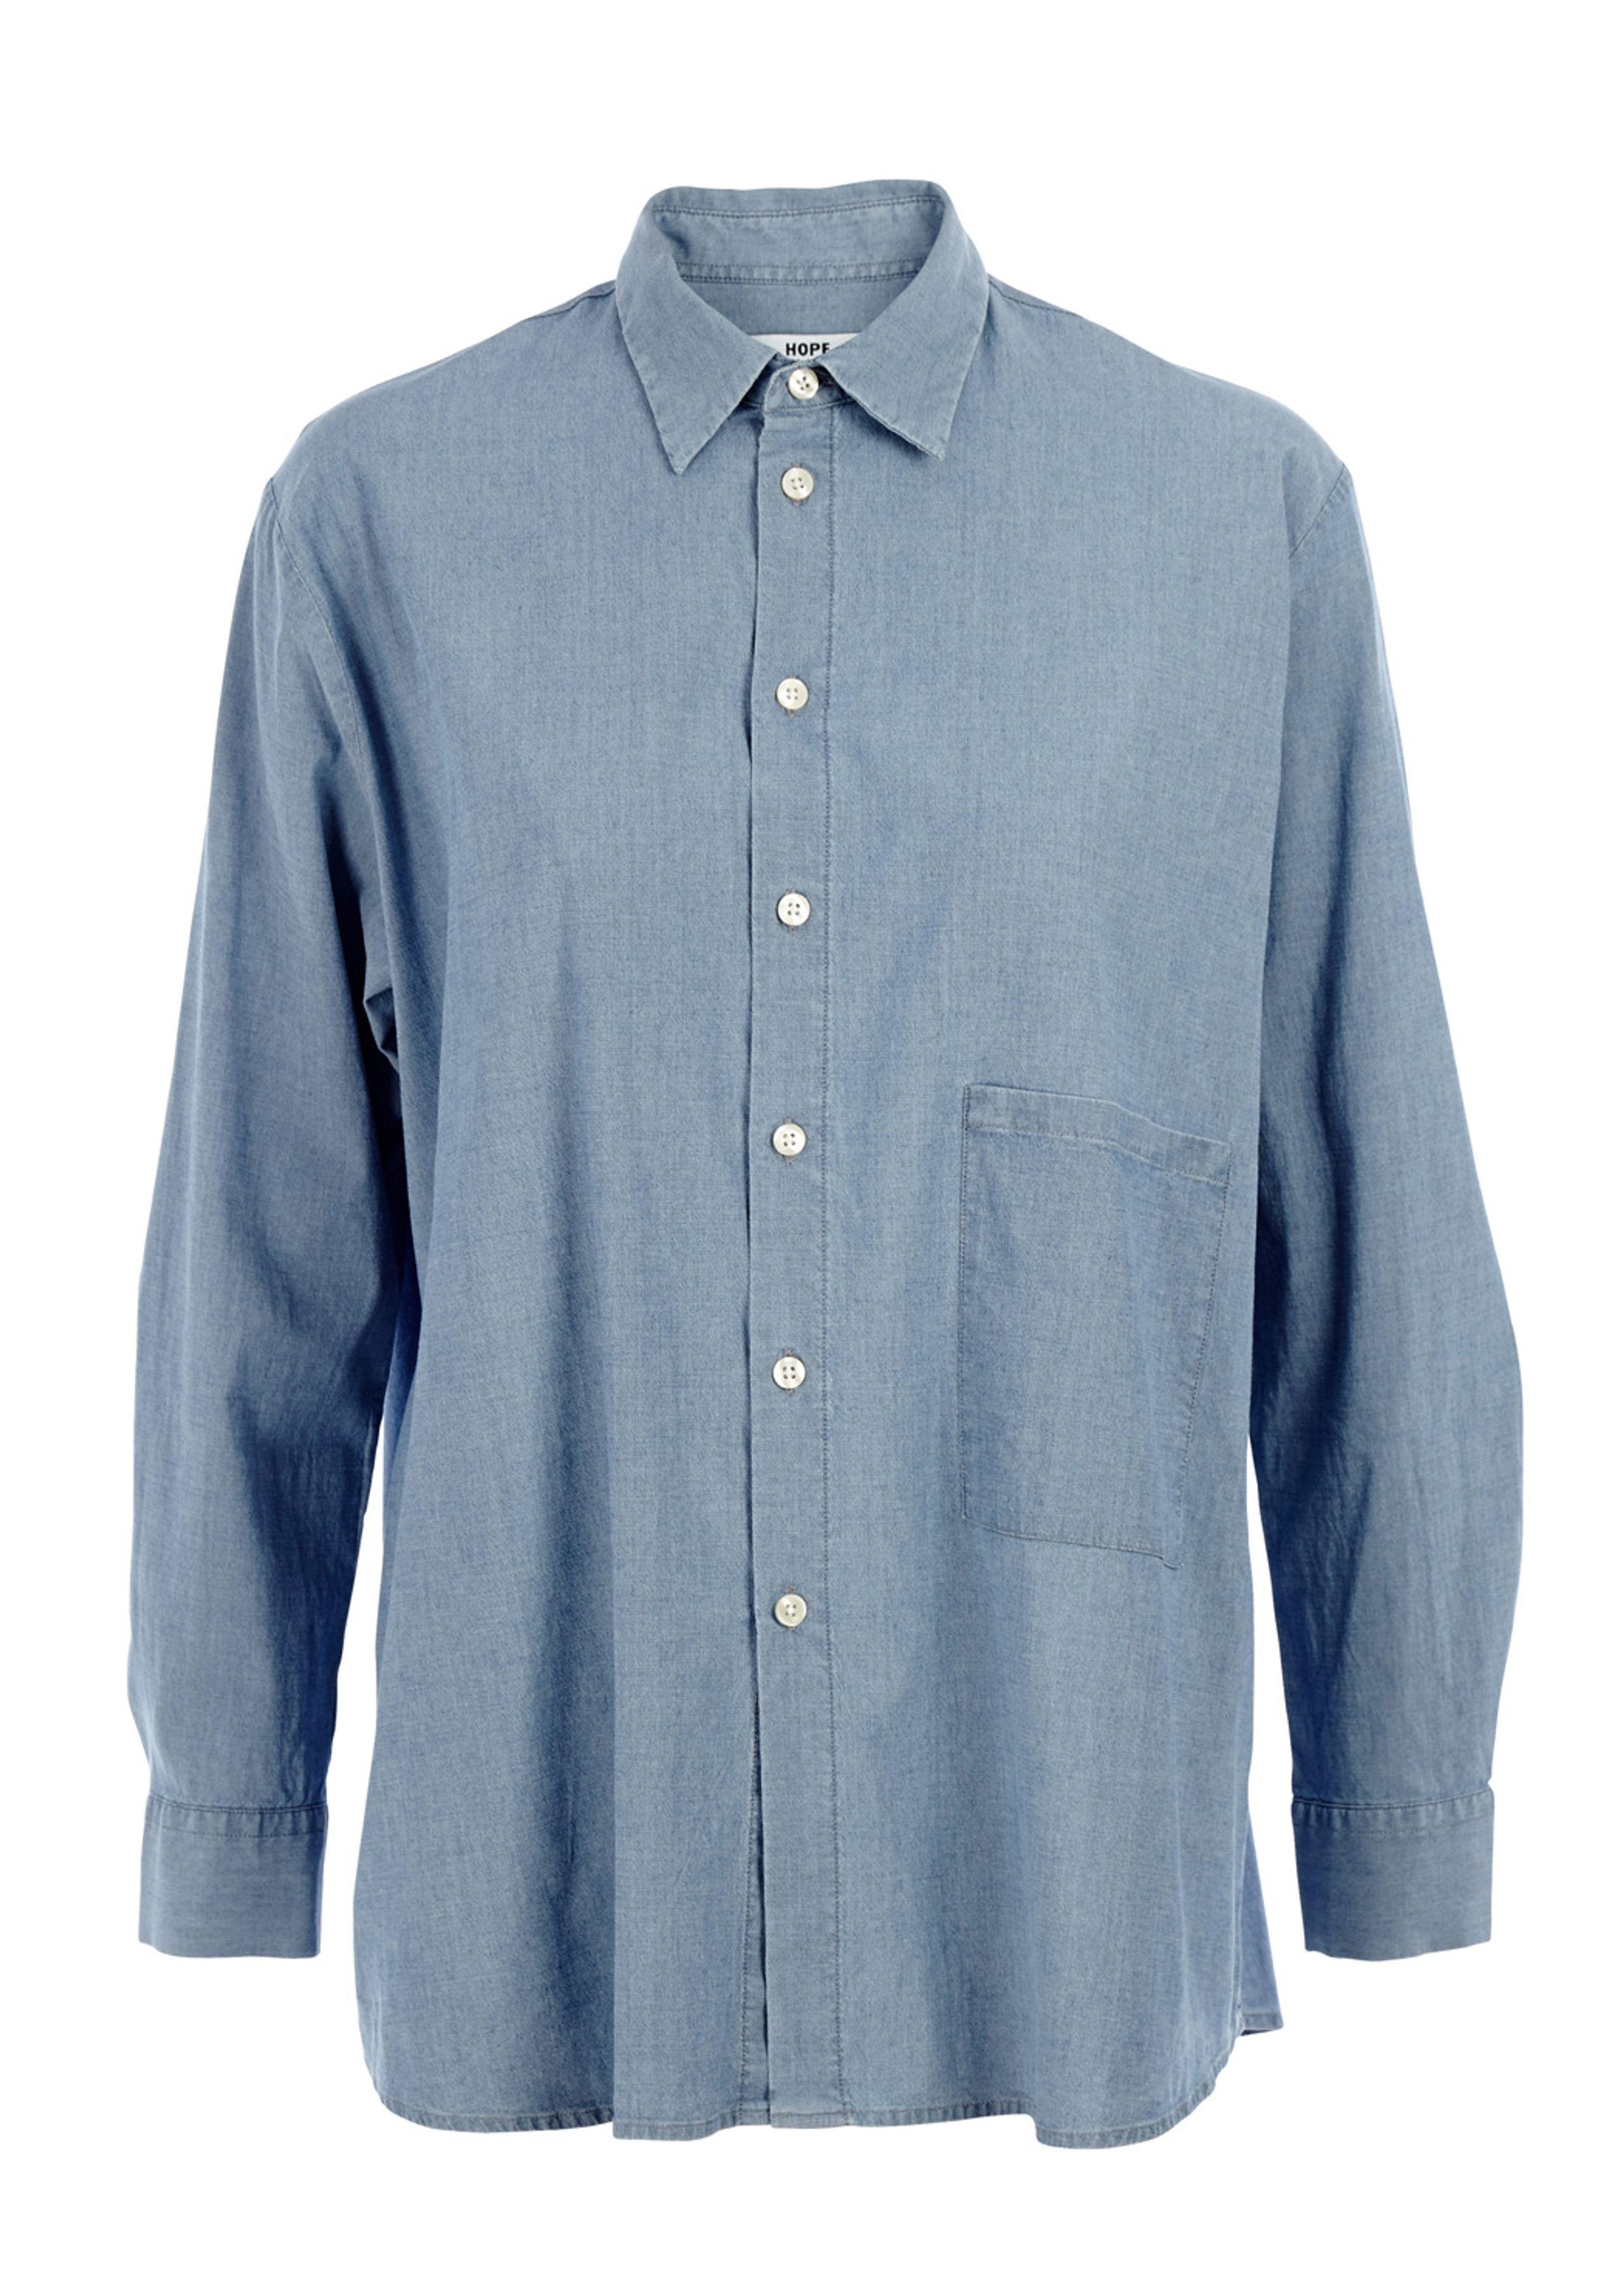 Elma blouse